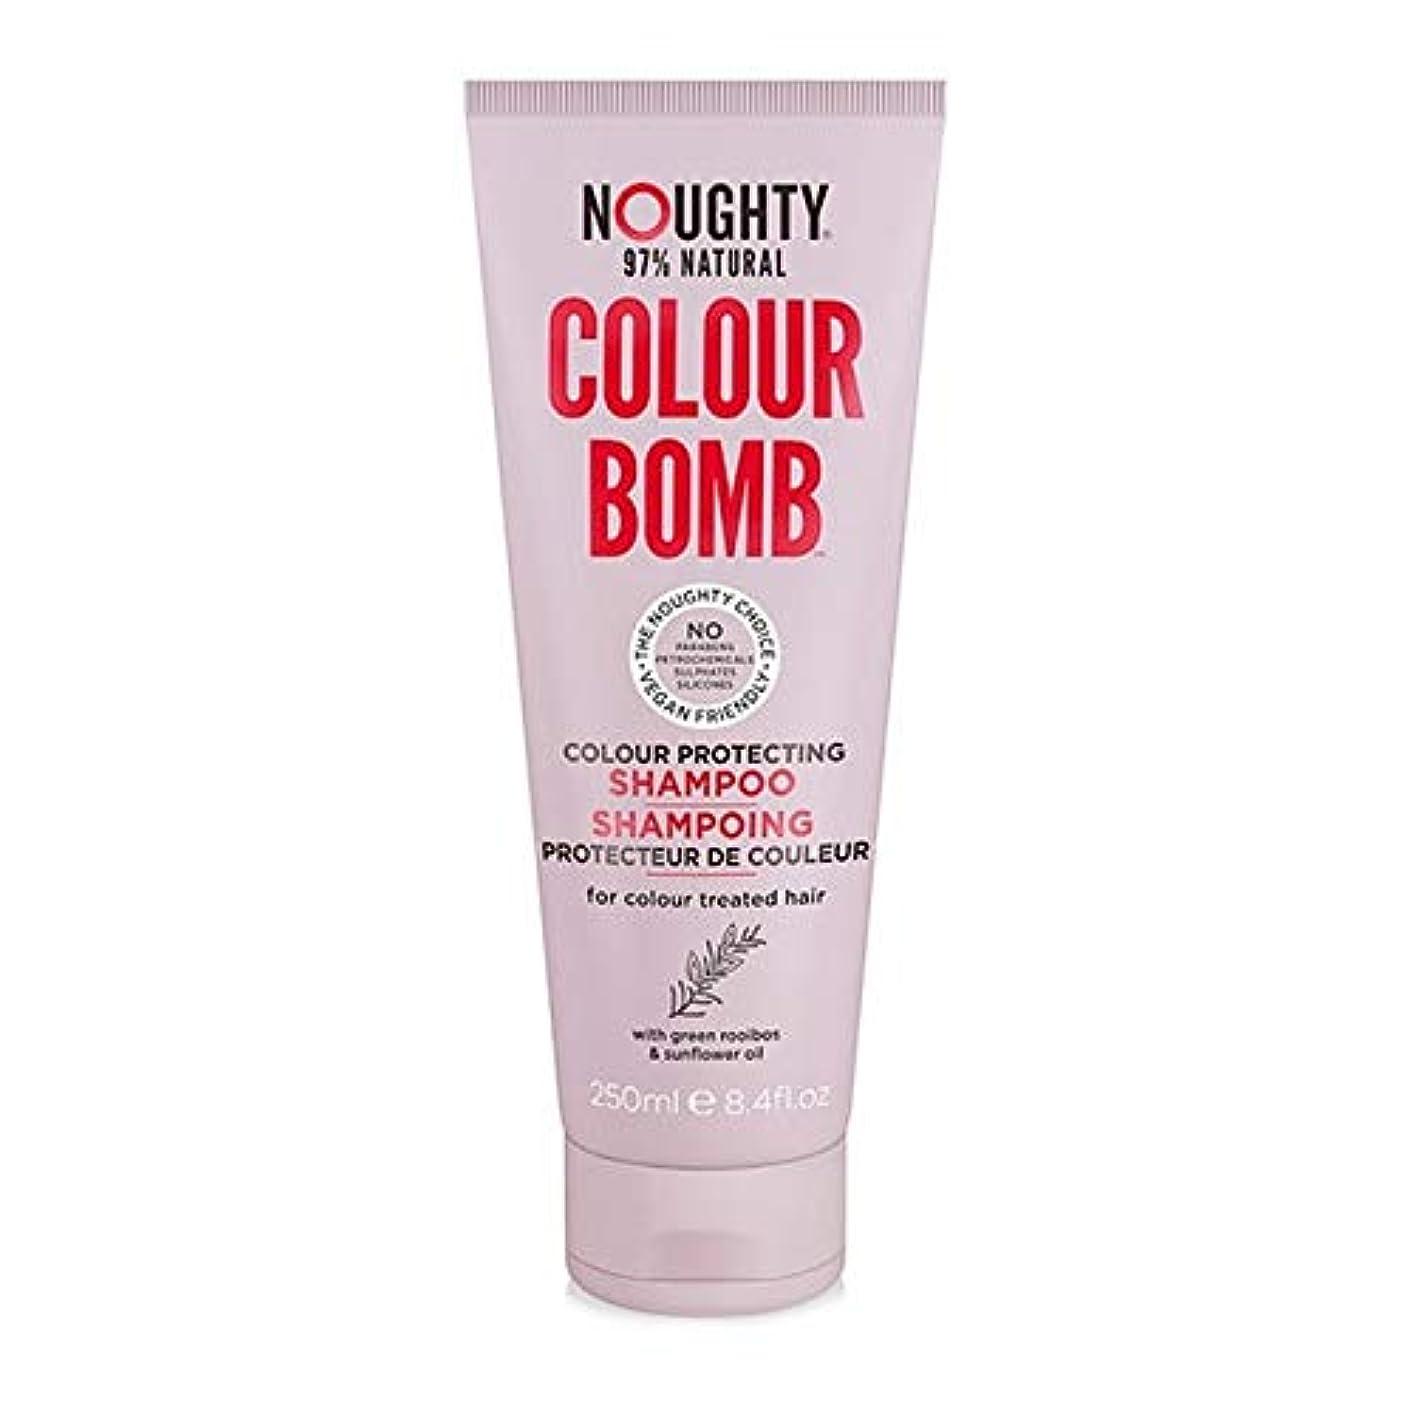 ストレスの多いパノラマ中断[Noughty] シャンプー250ミリリットルを保護Noughtyカラー爆弾の色 - Noughty Colour Bomb Colour Protecting Shampoo 250ml [並行輸入品]